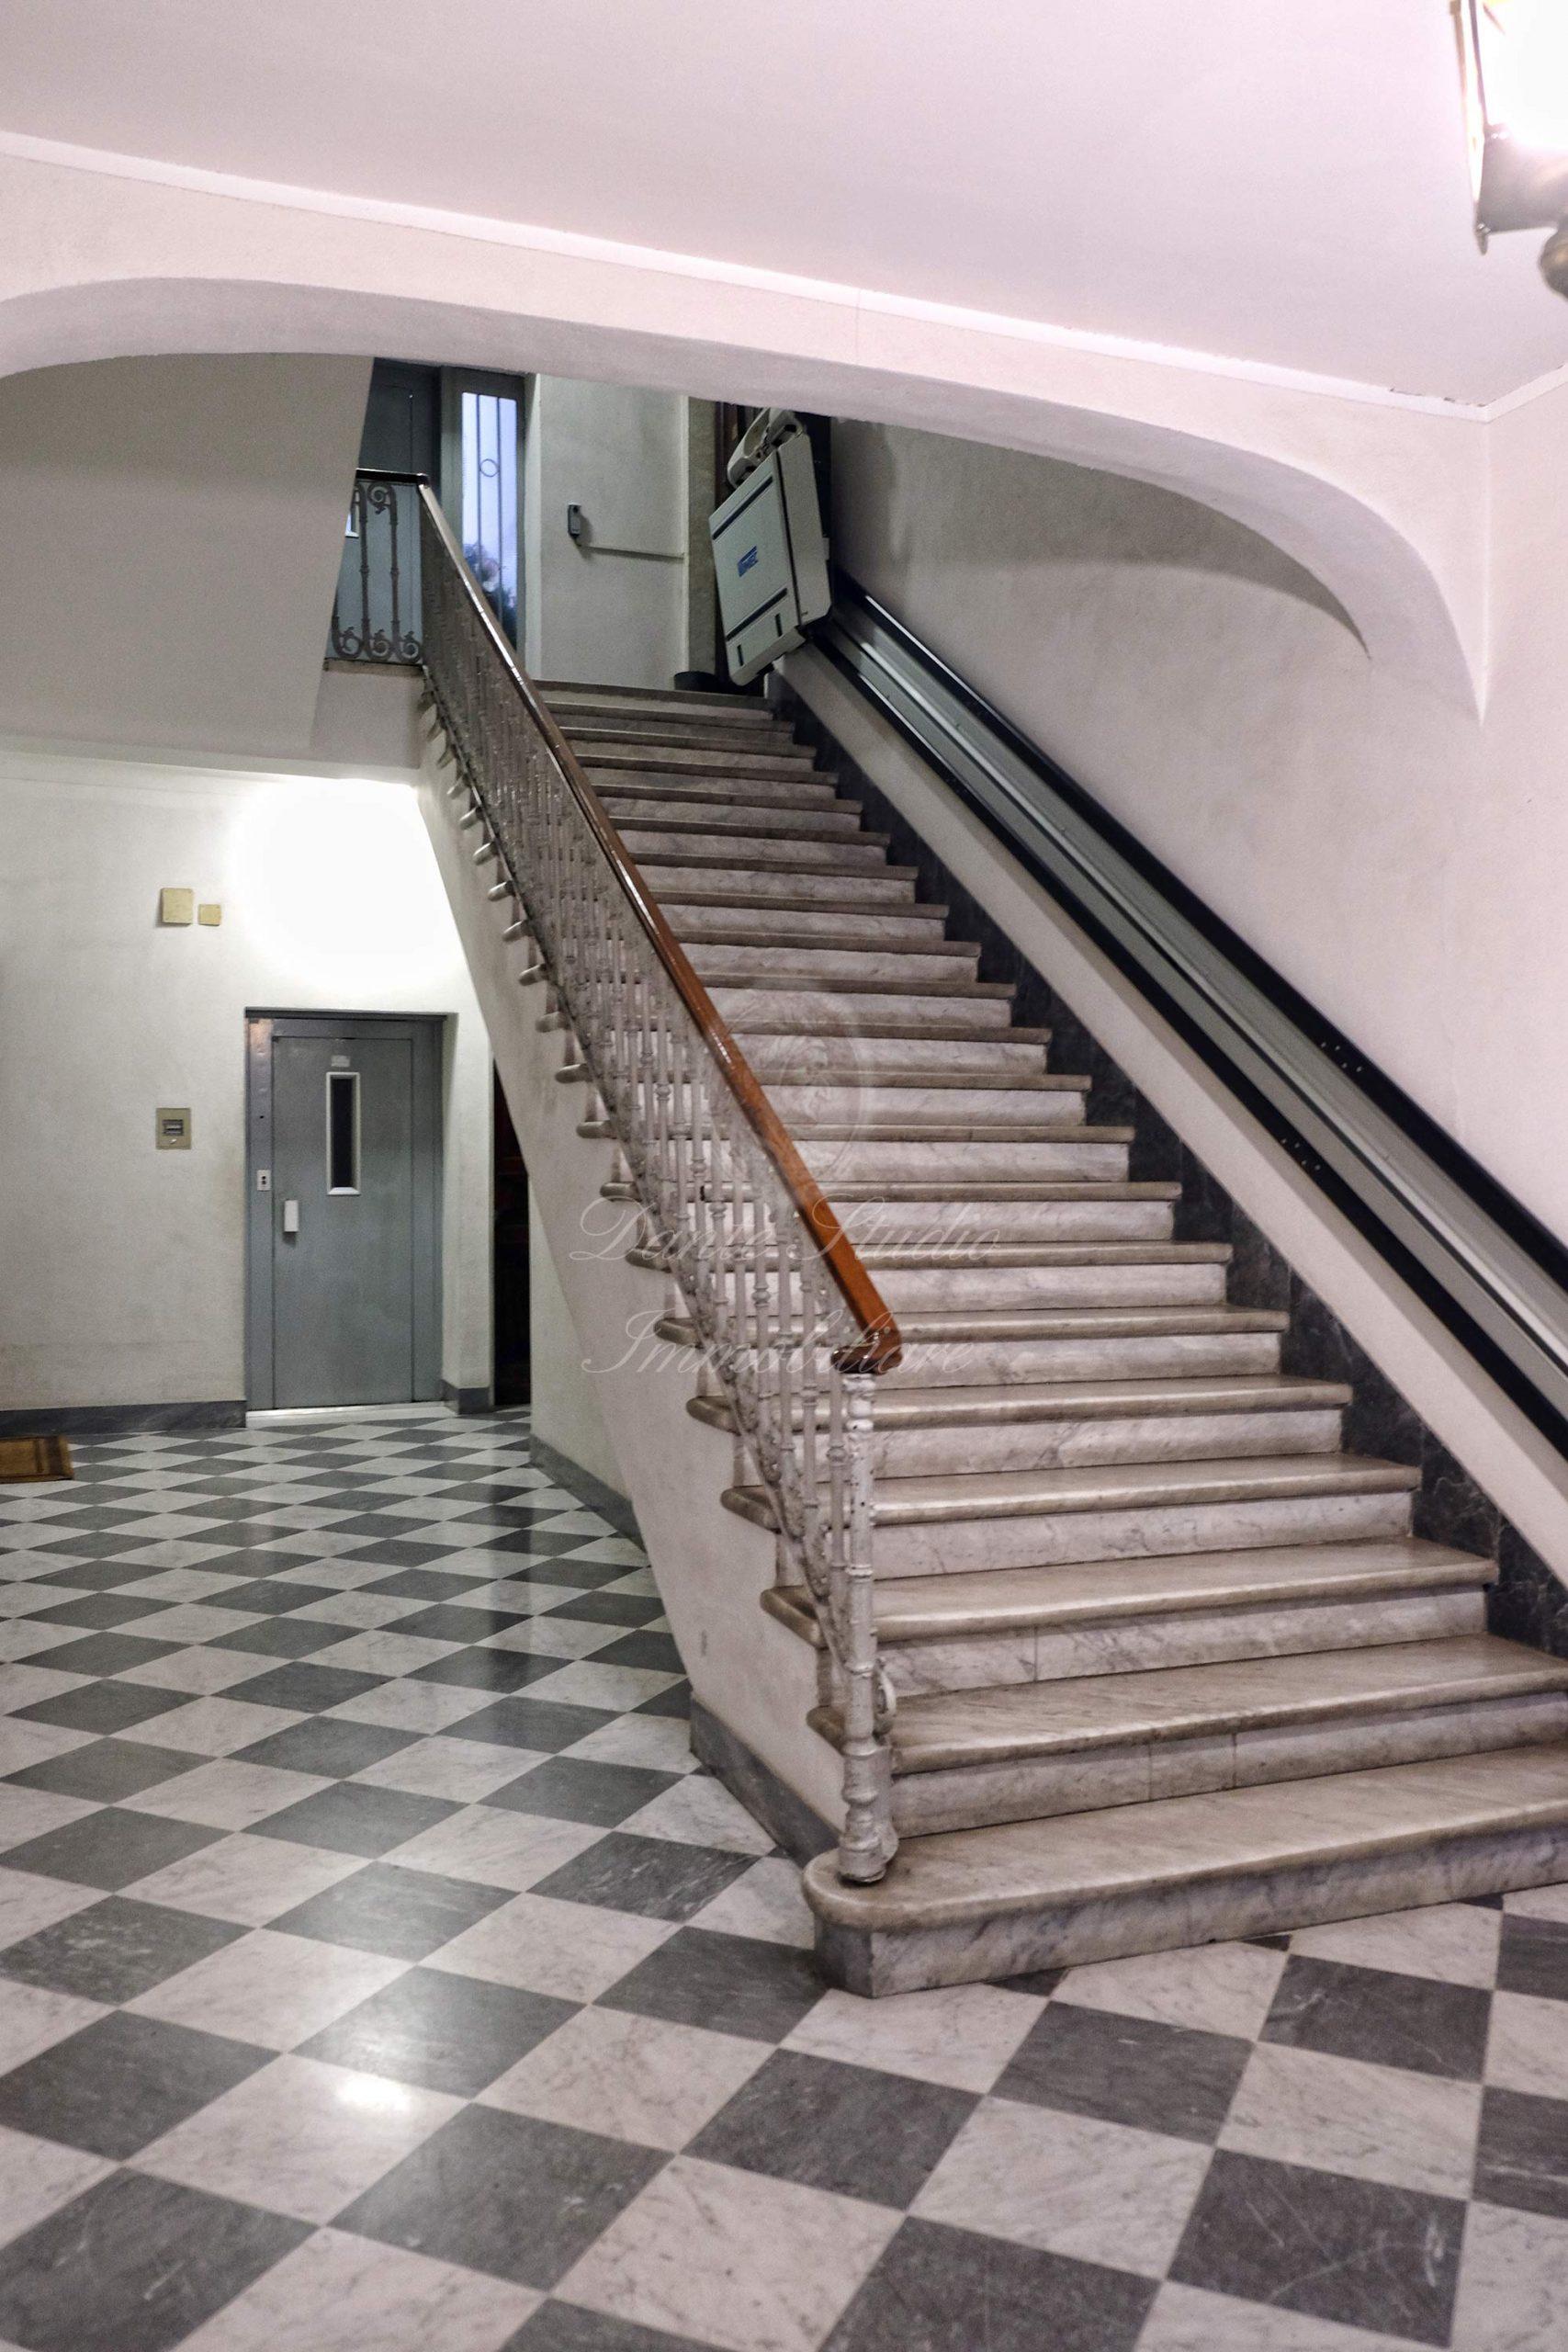 Centro Via Galata 220 mq nuovi